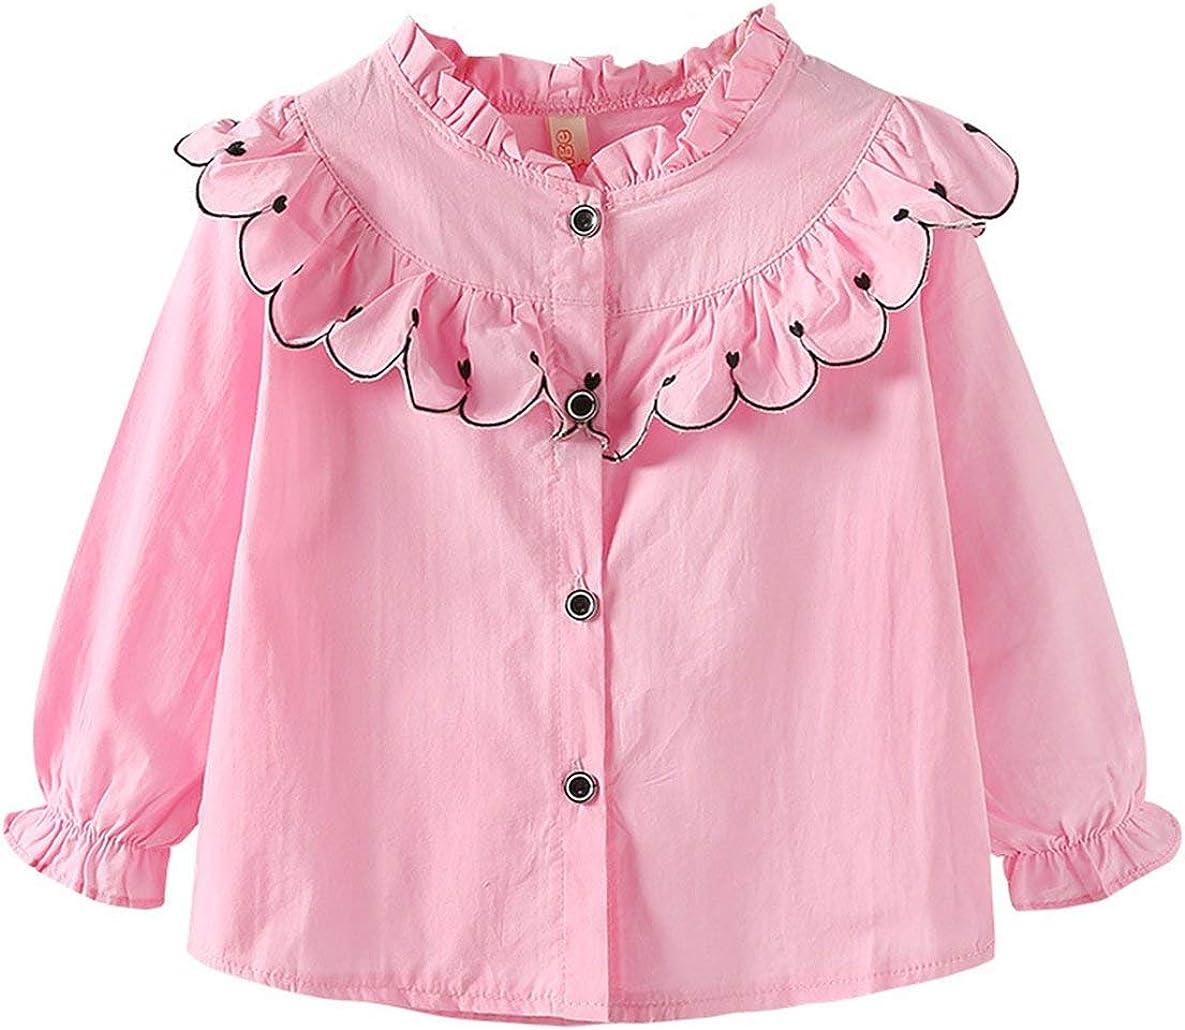 Camisa de Primavera para niñas Cuello de Encaje Coreano Camisa Casual de Manga Larga Camisa Femenina de bebé extranjera Marea - Rosa + 100cm: Amazon.es: Ropa y accesorios